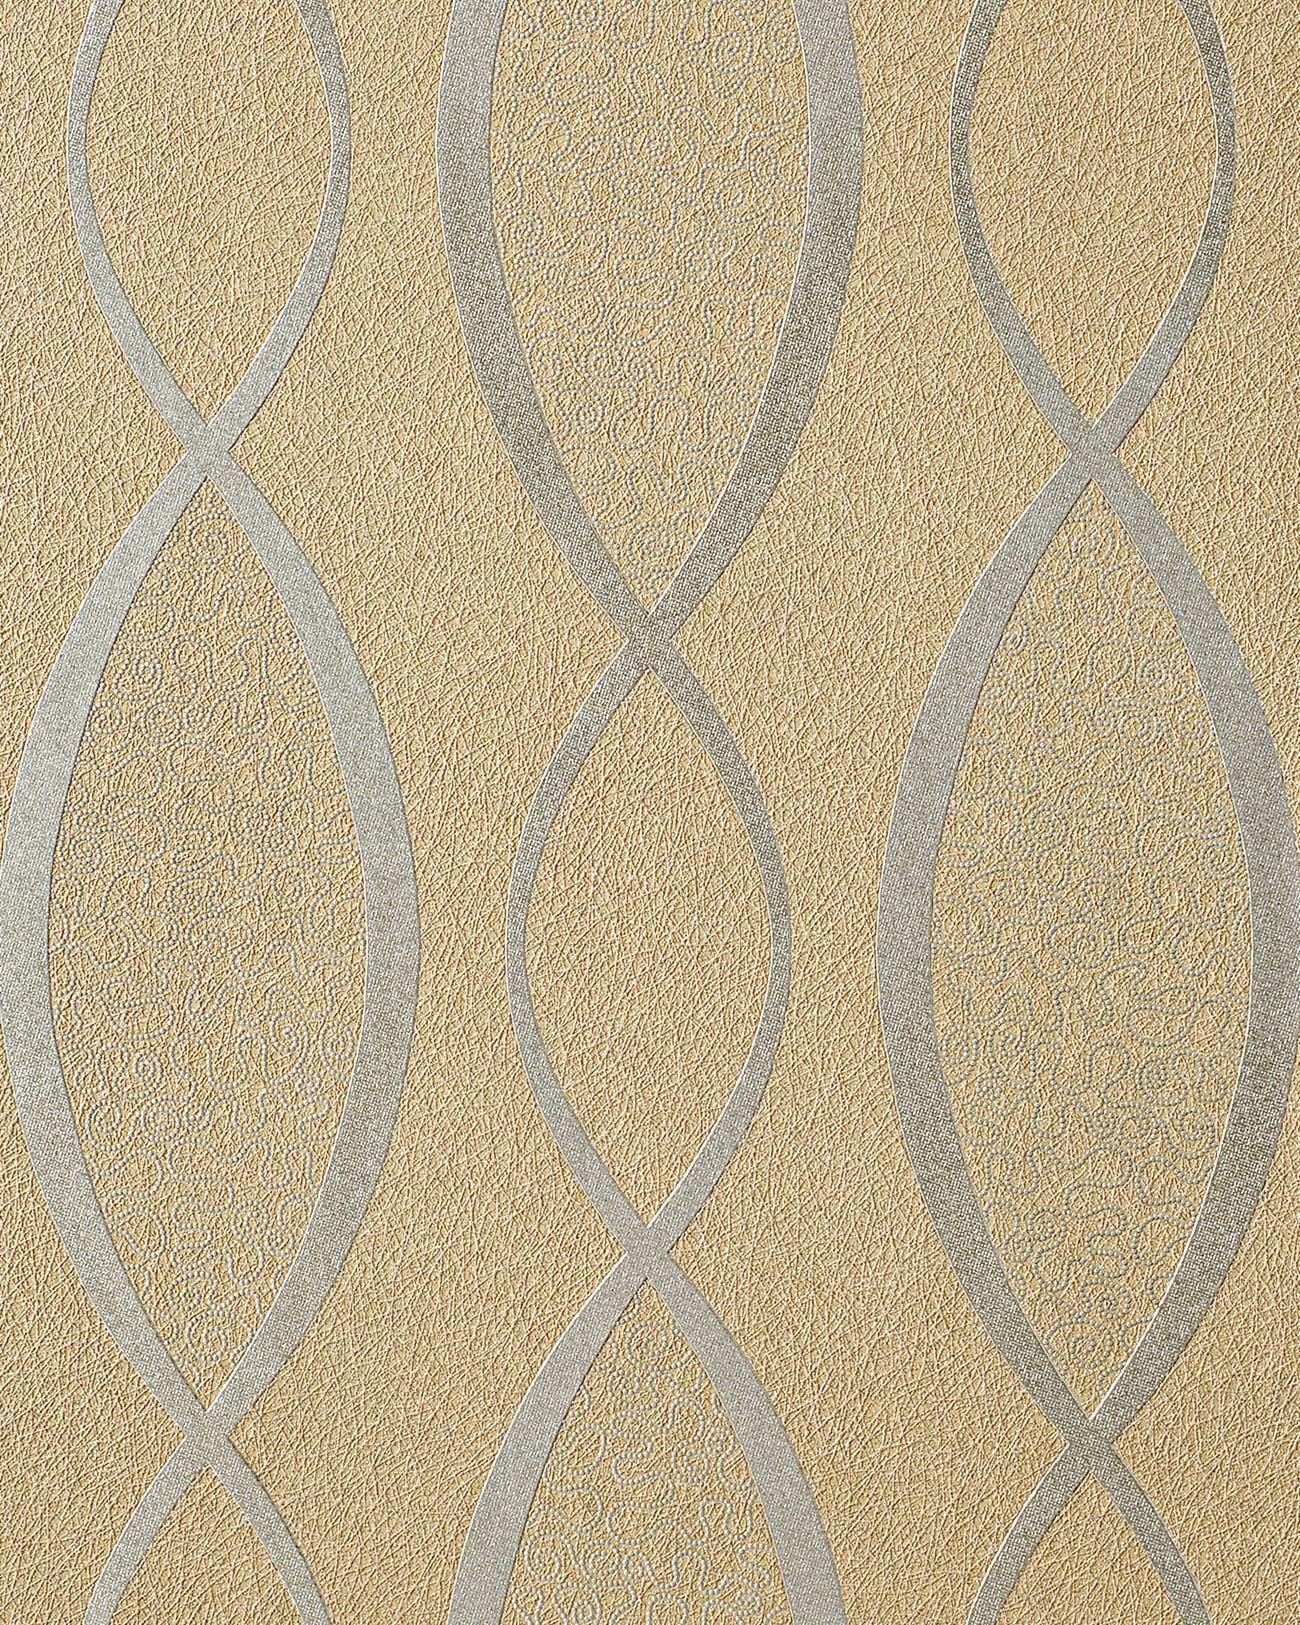 Carta da parati a linee ondulate incrociate glitterata for Carta da parati beige